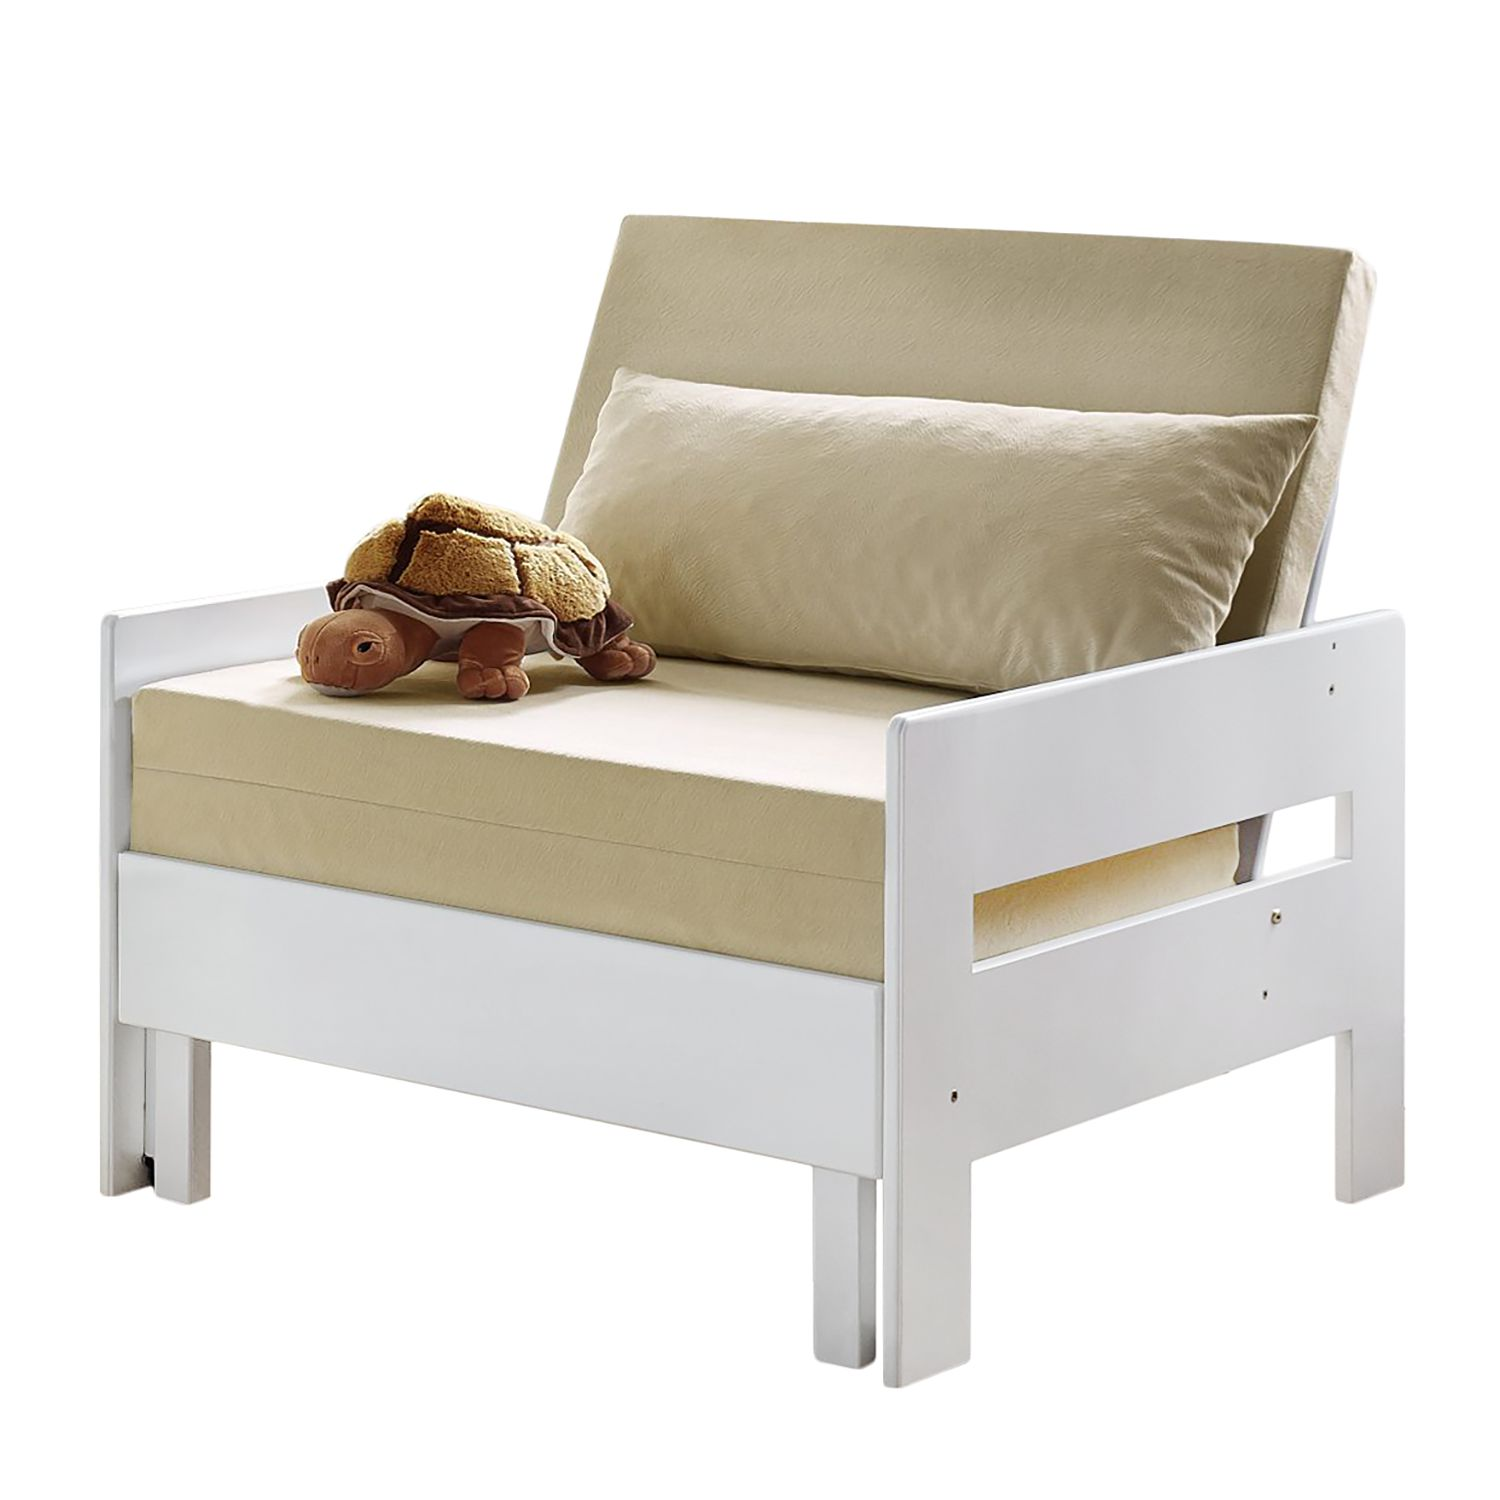 Schlafsessel Noel - Baumwollstoff - Buche Weiß lackiert, Relita